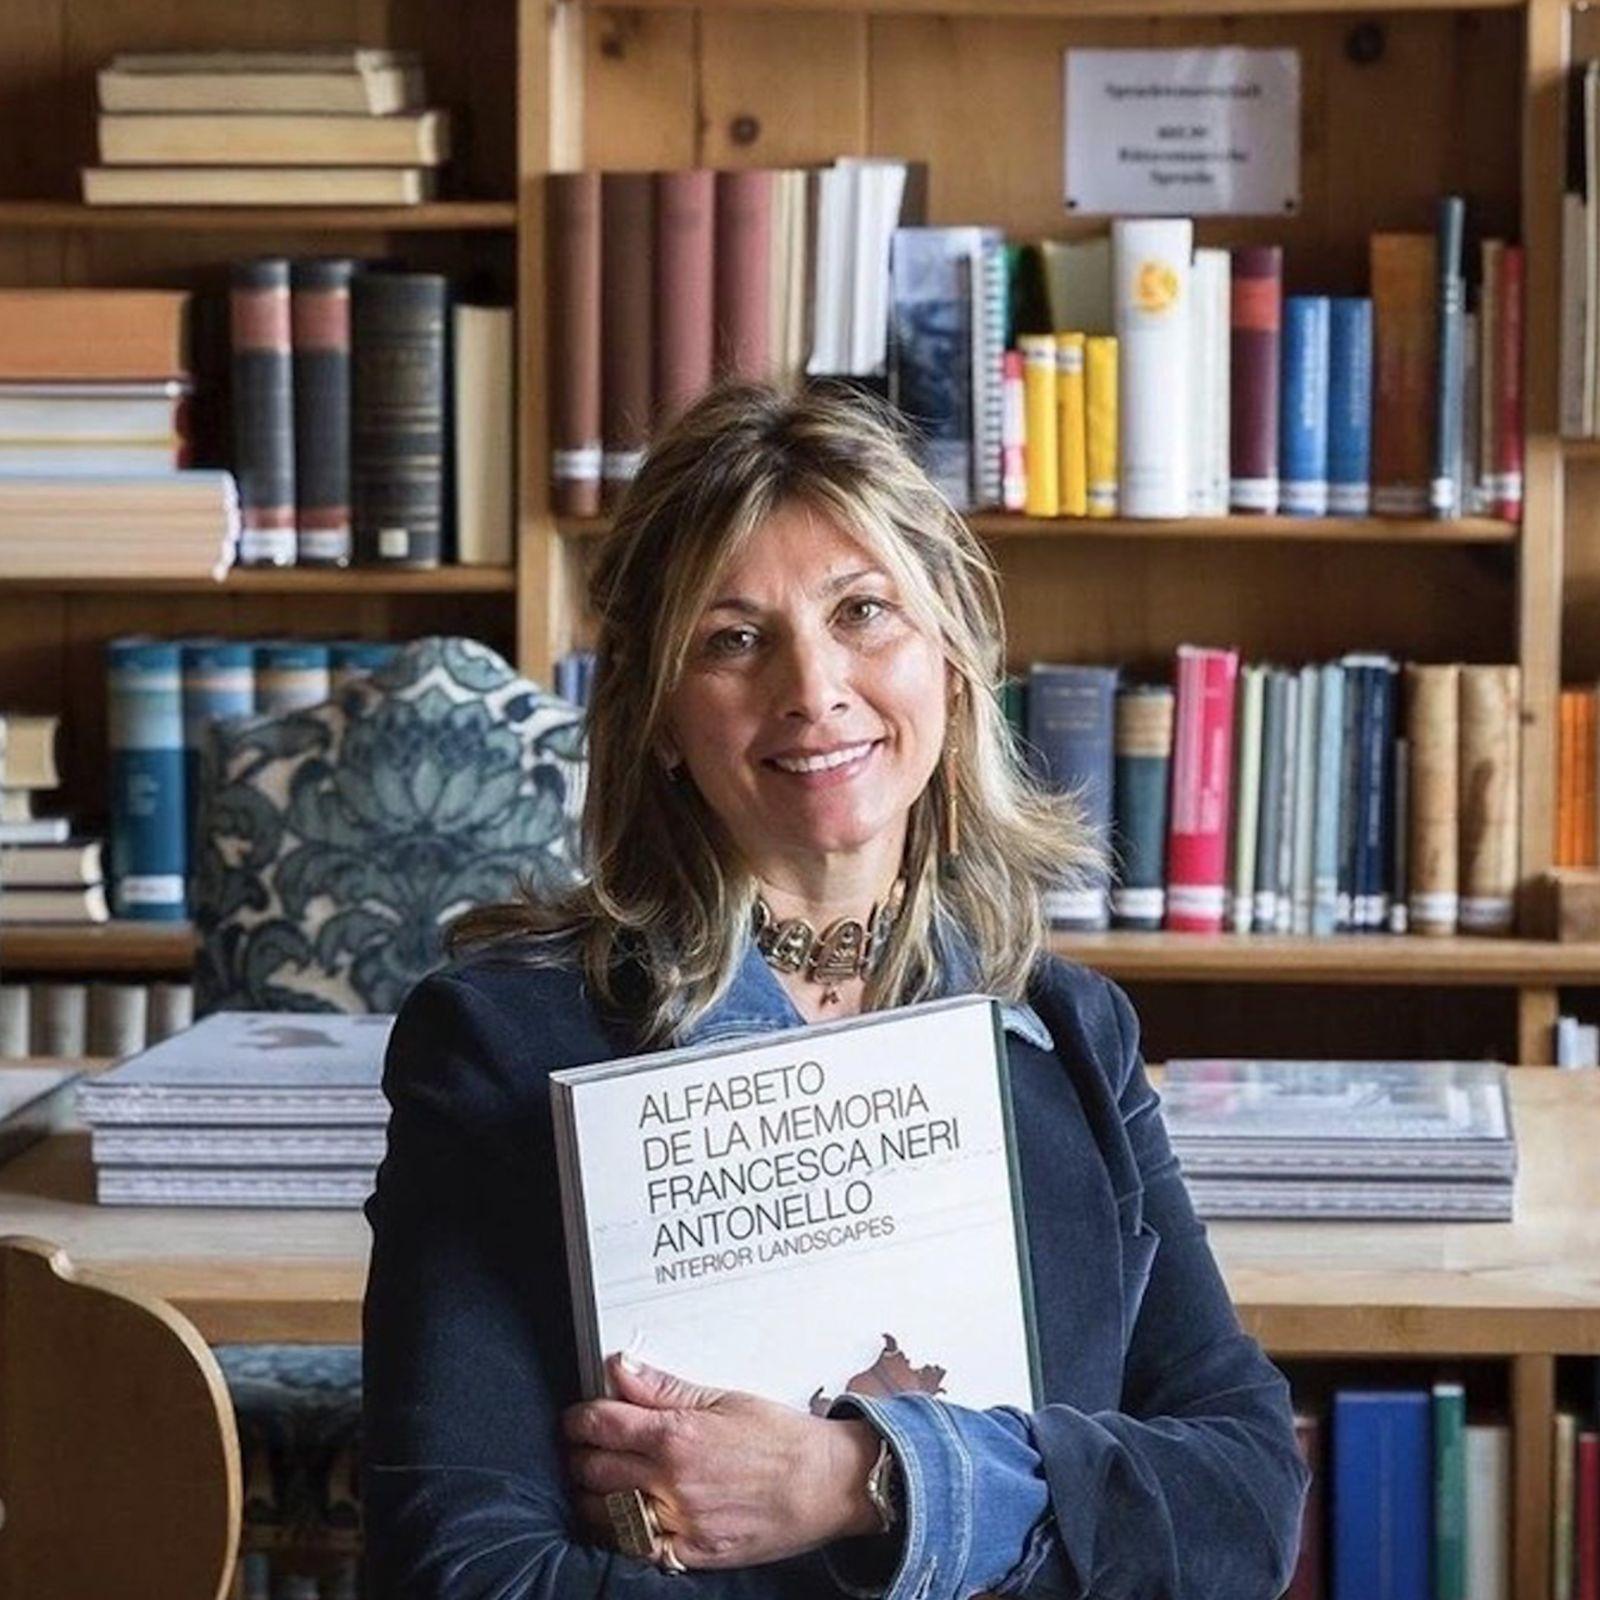 AndarPorCasa con la interiorista y diseñadora FRANCESCA NERI ANTONELLO